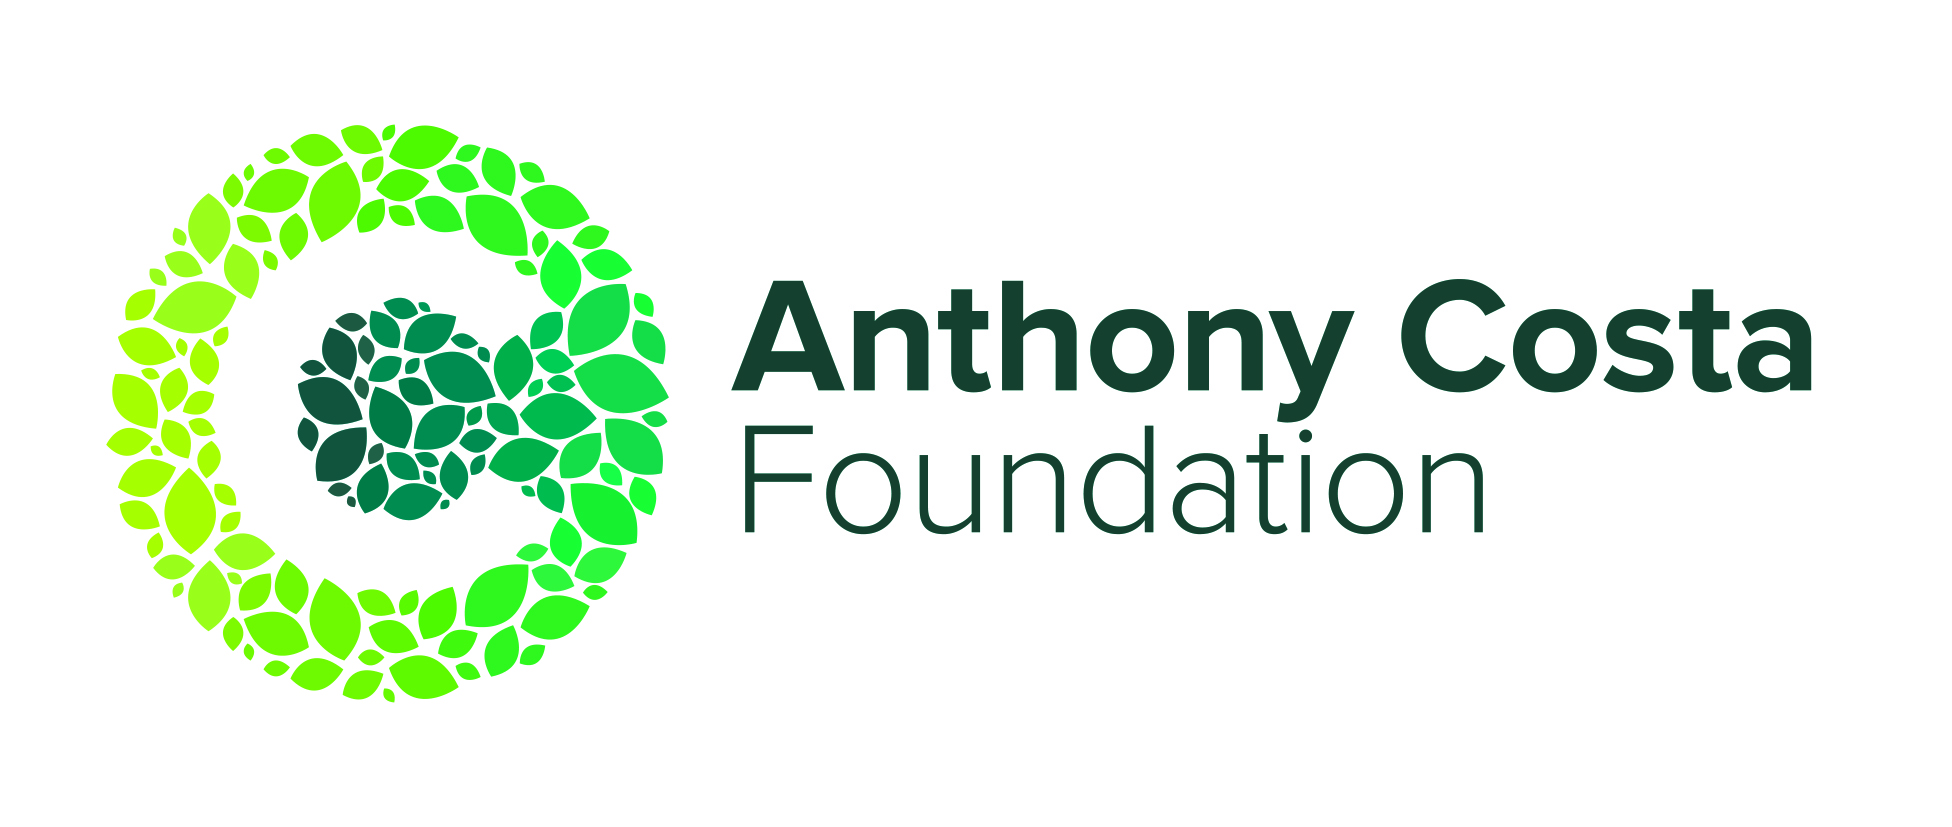 Anthony Costa Foundation Logo